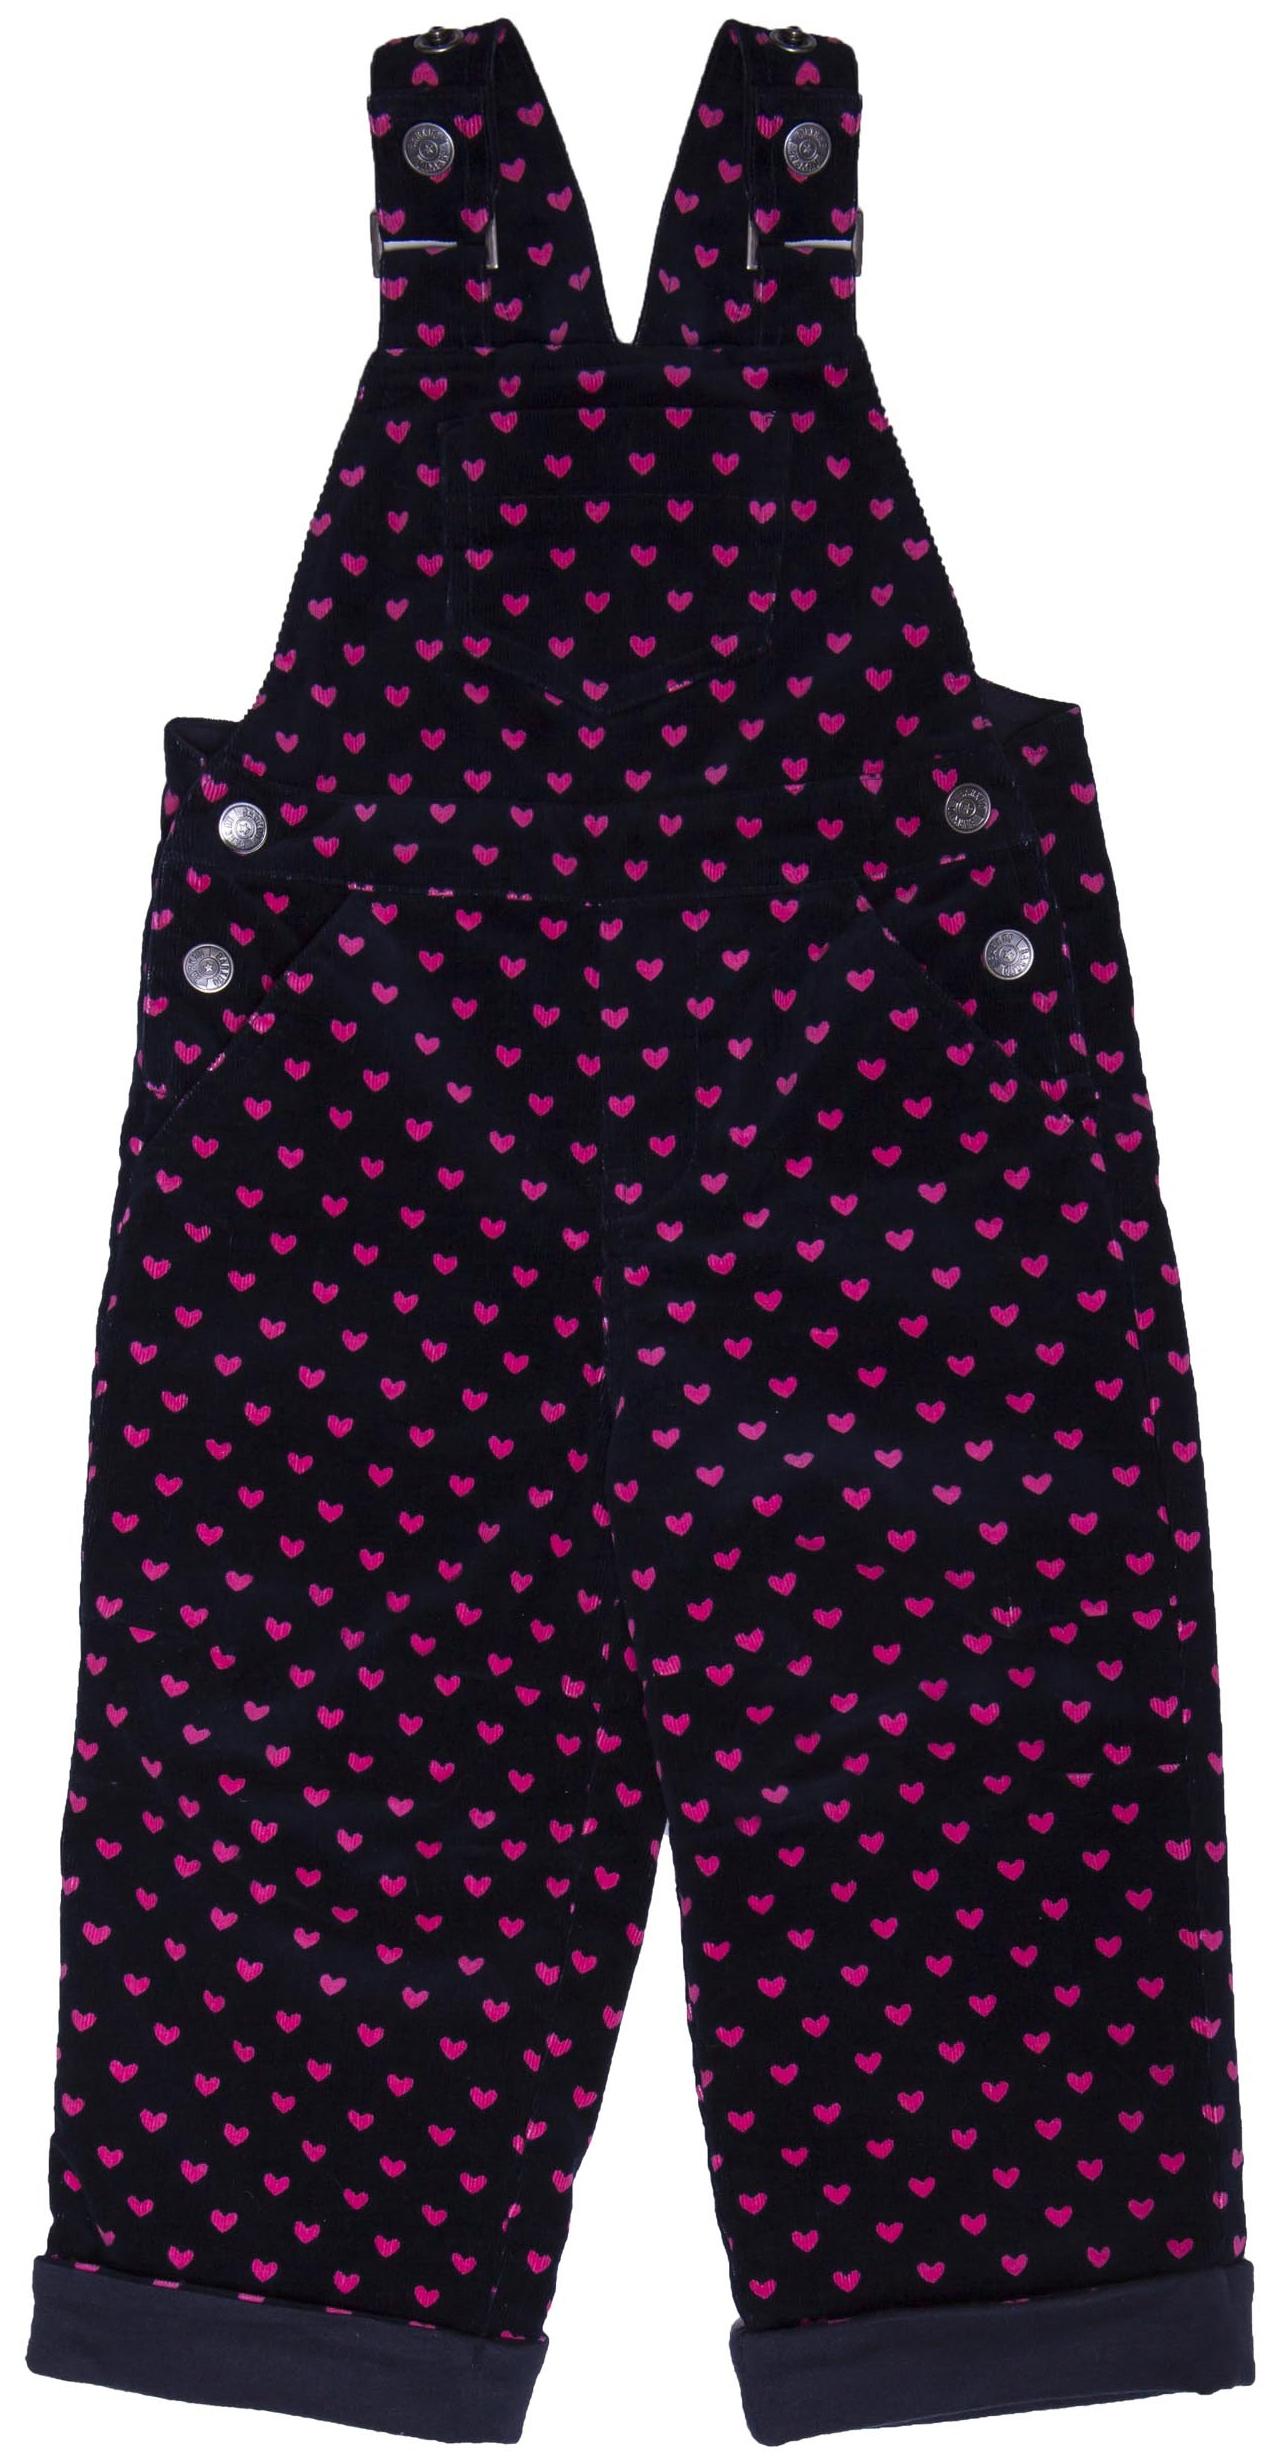 Полукомбинезон для девочки Barkito Принцесса 2 полукомбинезон джинсовый для мальчика barkito деним